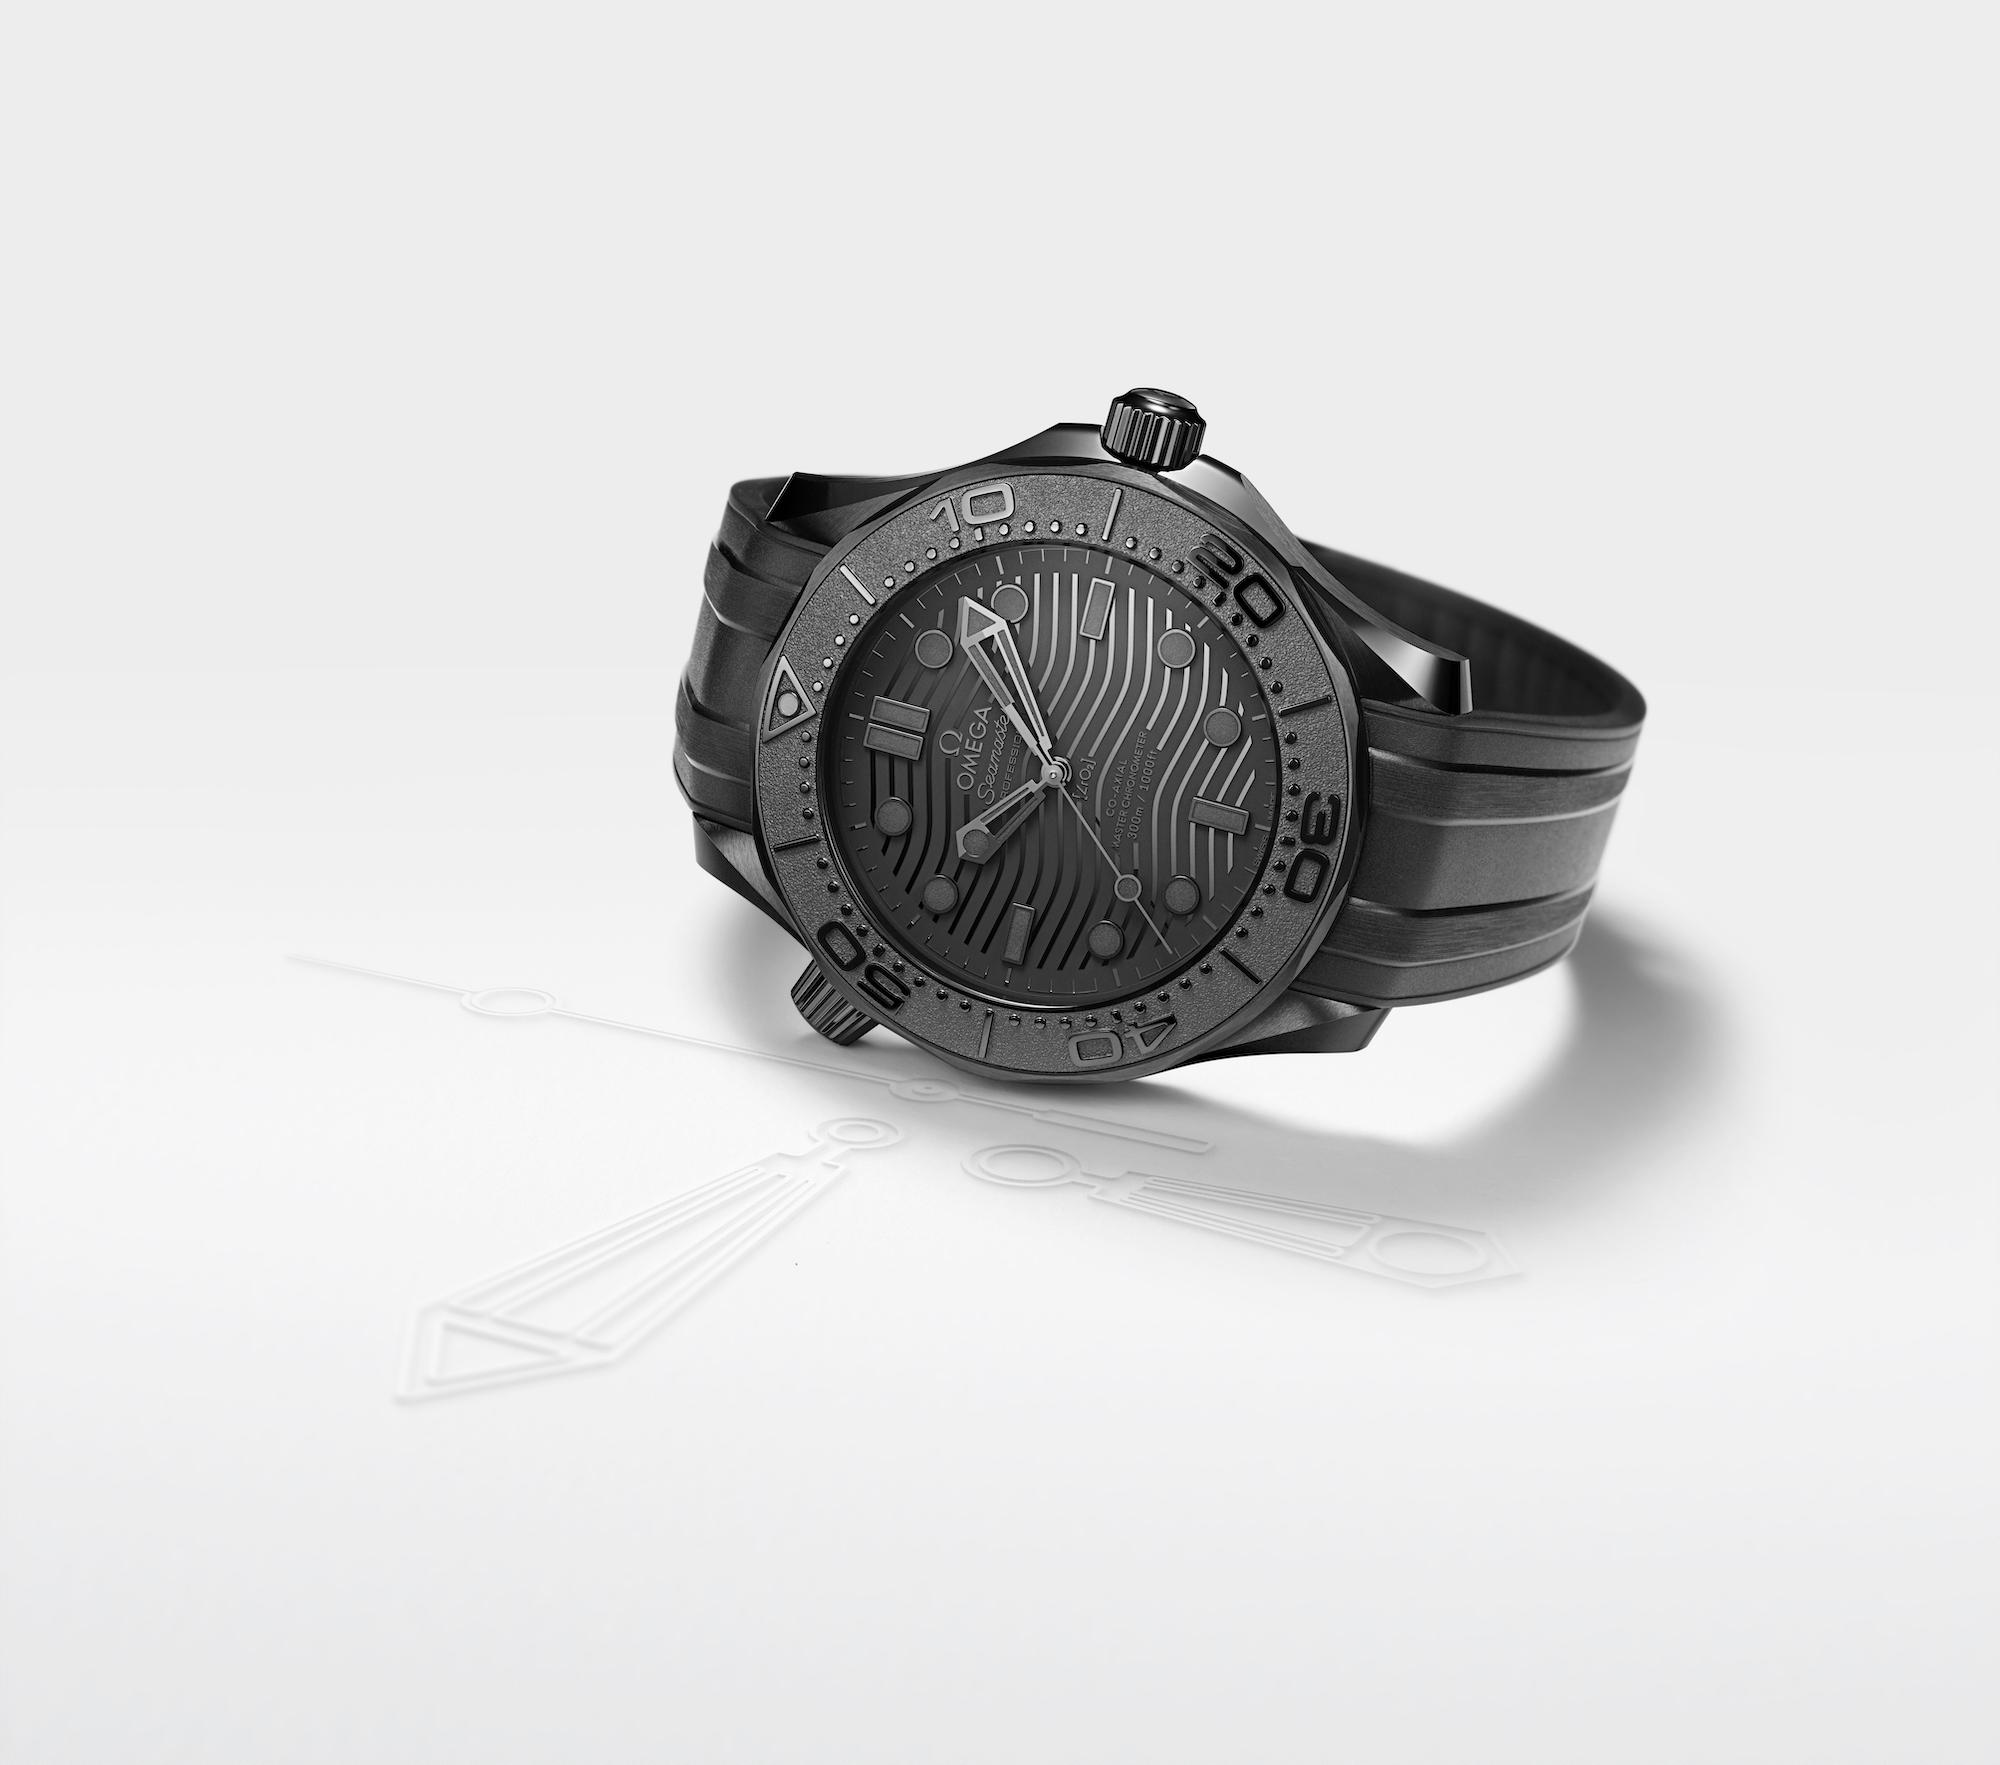 Omega Seamaster Diver 300M Black Black 210.92.44.20.01.003